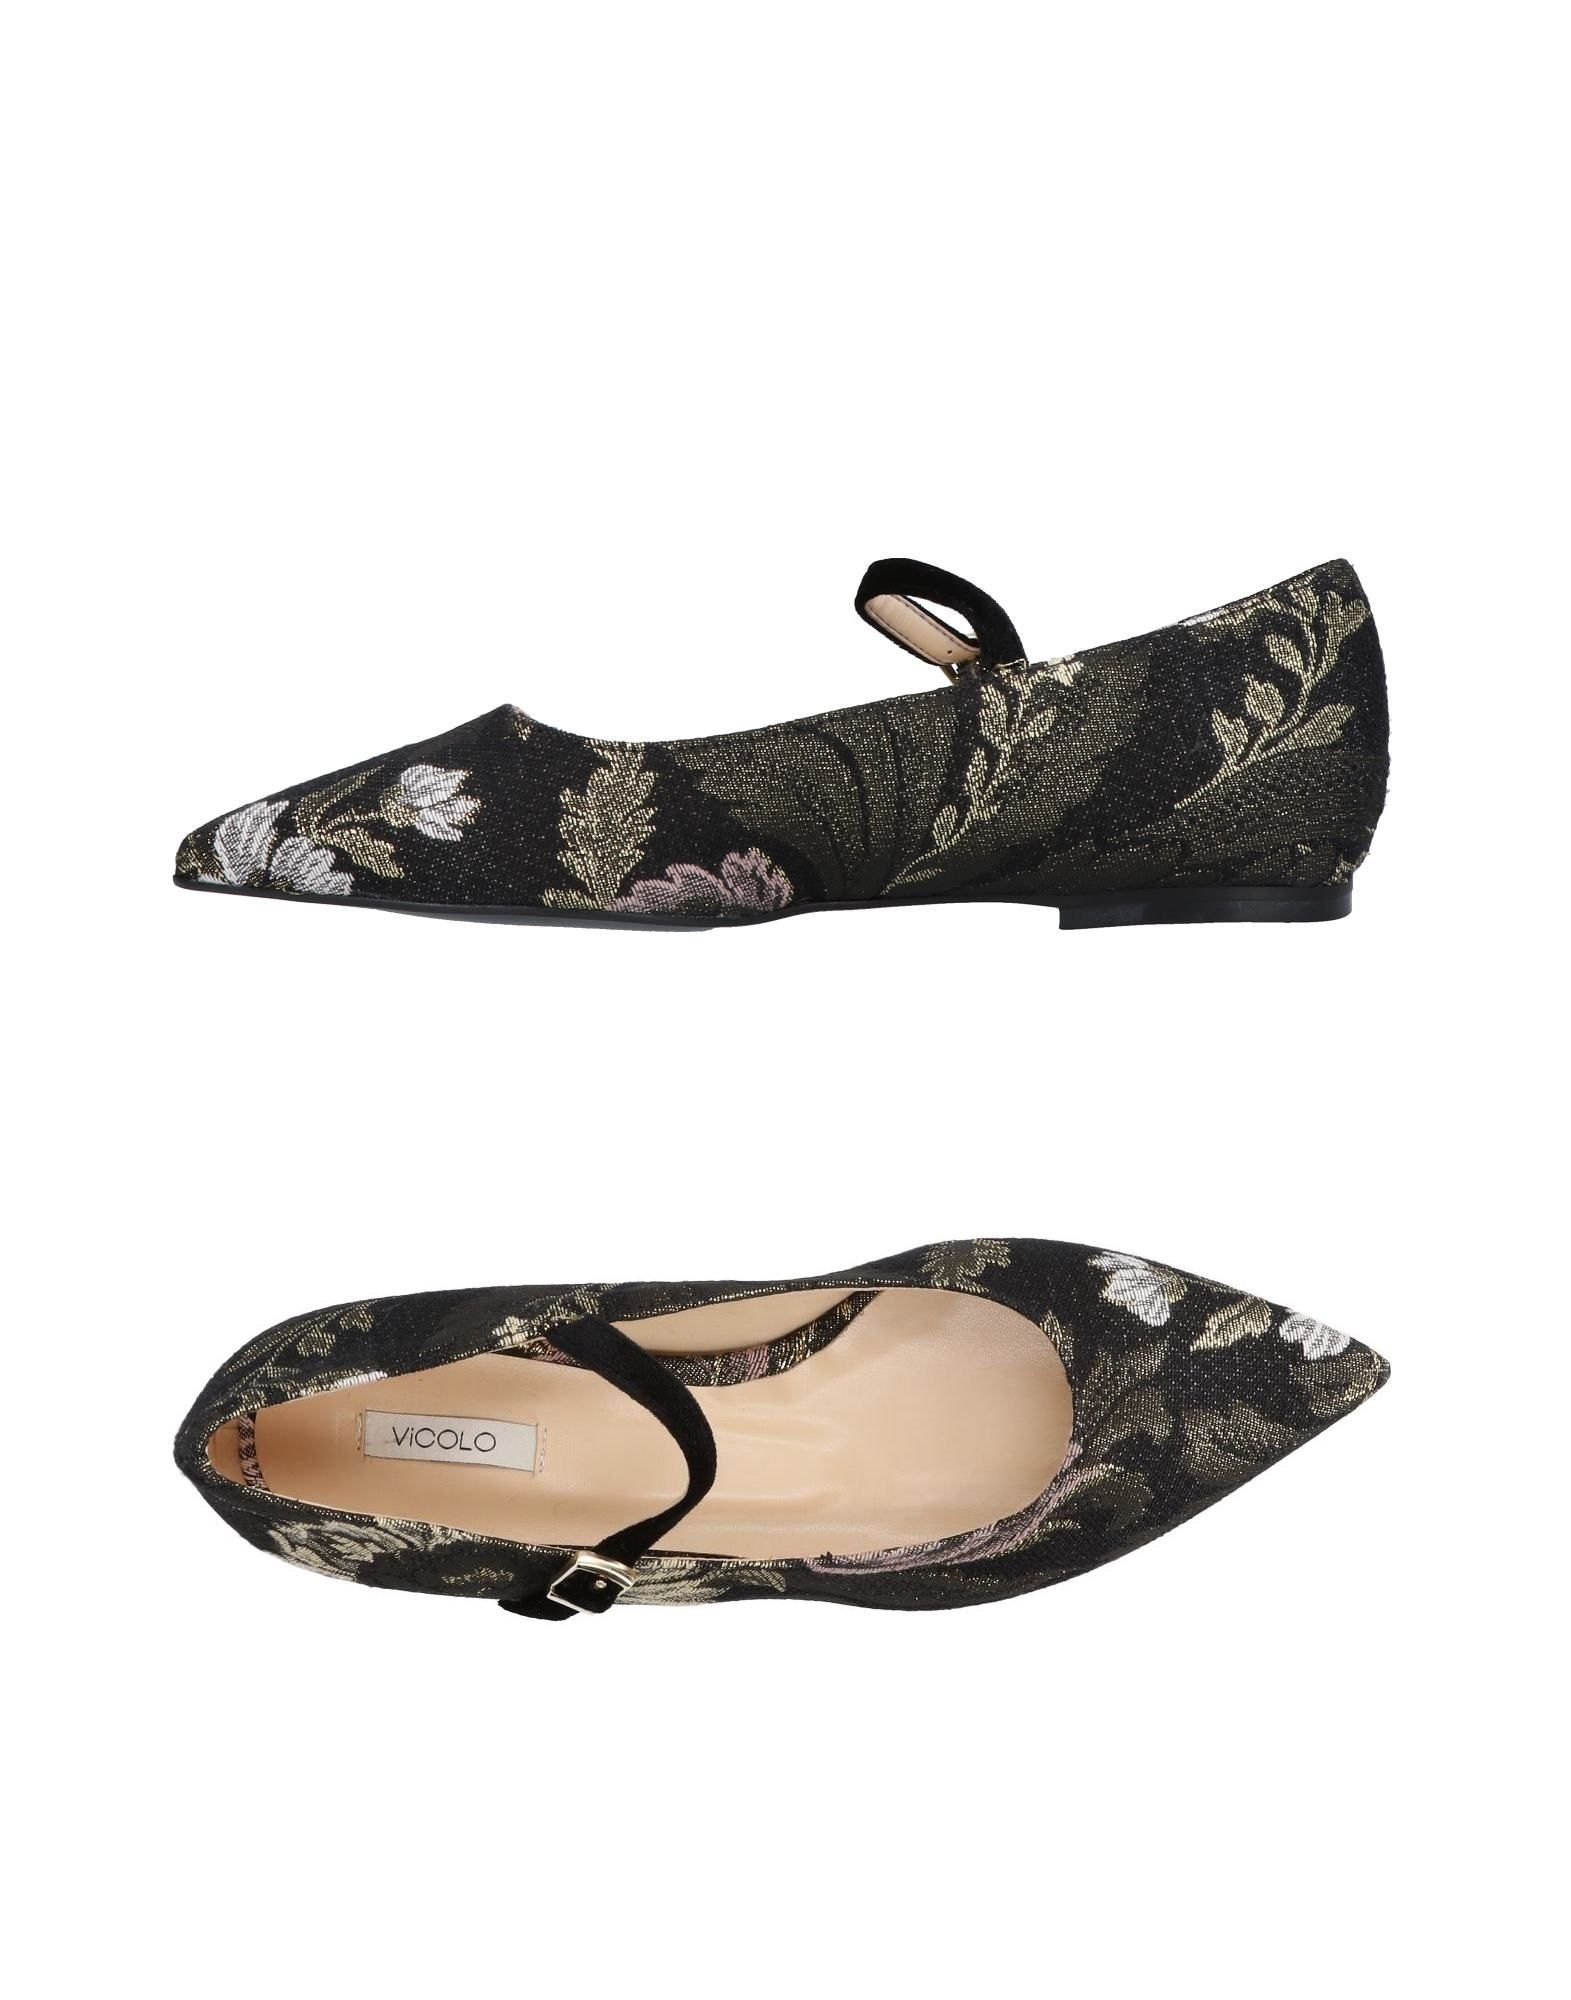 Vicolo Ballerinas Damen  11448225JF Gute Qualität beliebte Schuhe